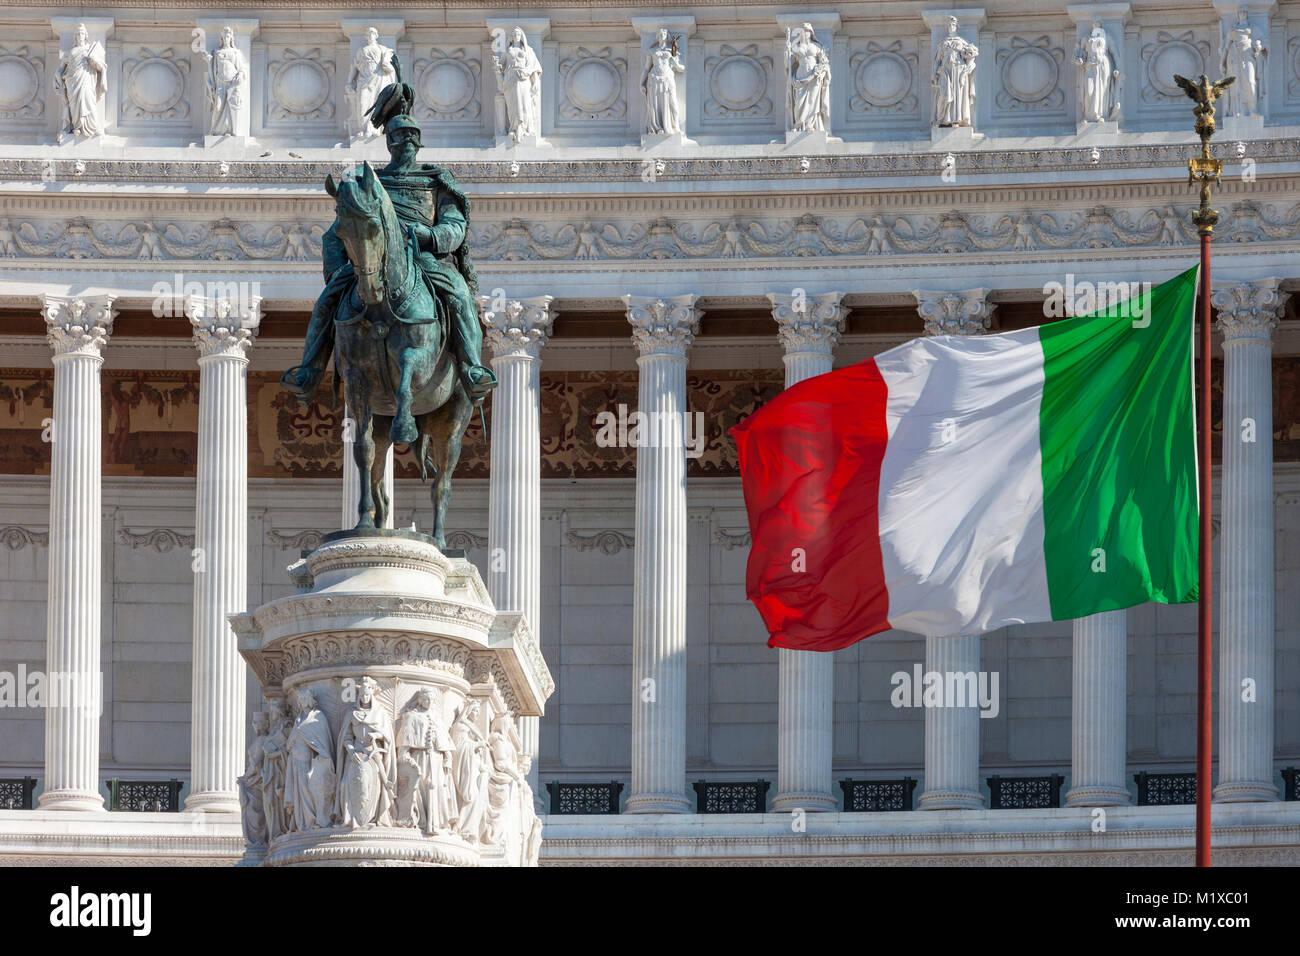 L'Altare della Patria - il Monumento Nazionale a Vittorio Emanuele II, statua, bandiera e Monumento, Roma, lazio, Immagini Stock